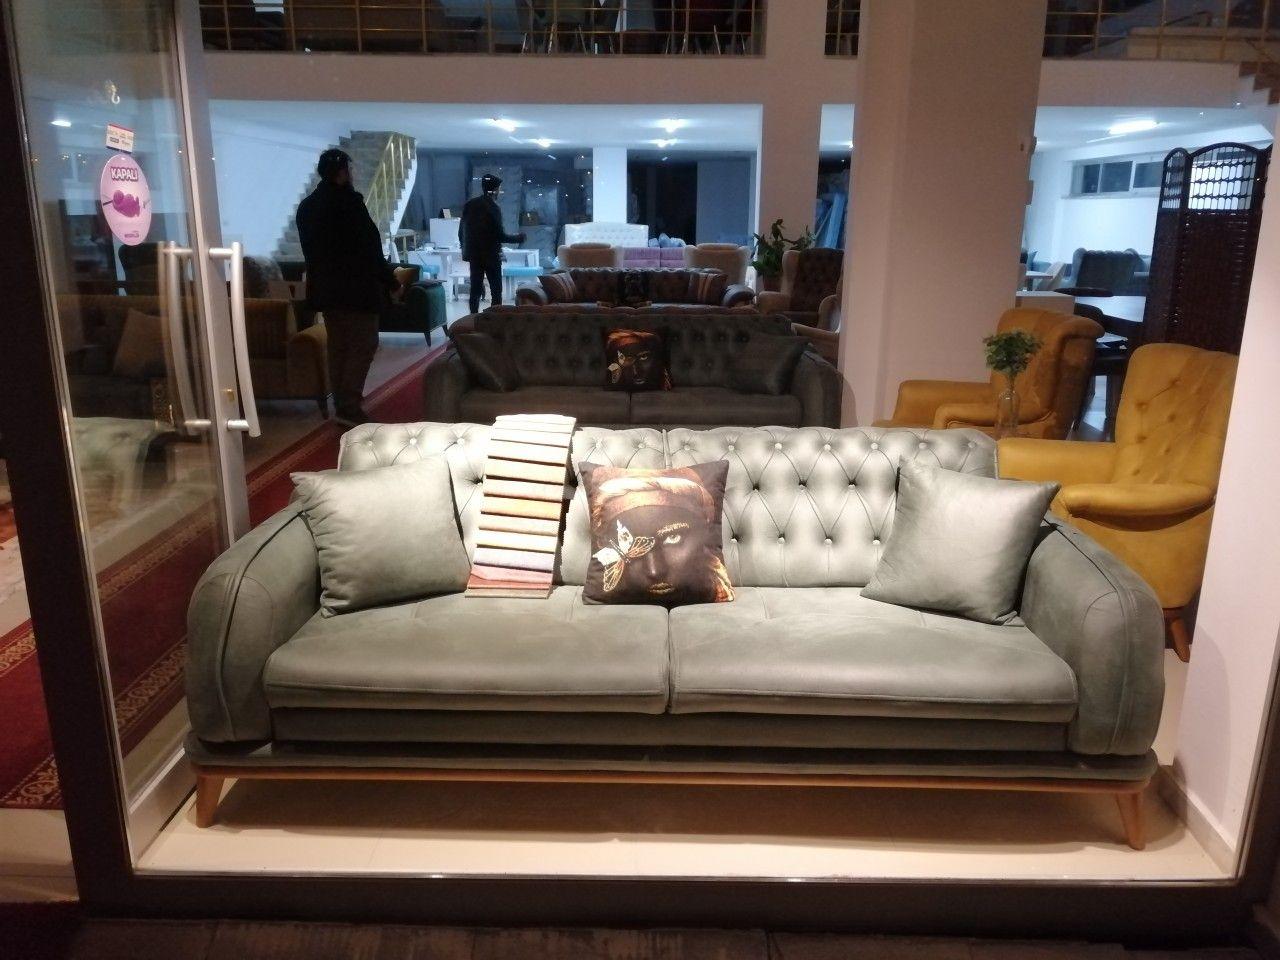 Veydi Mobilya Furniture Sofa Tarafindan Veydi Goruntusu 2020